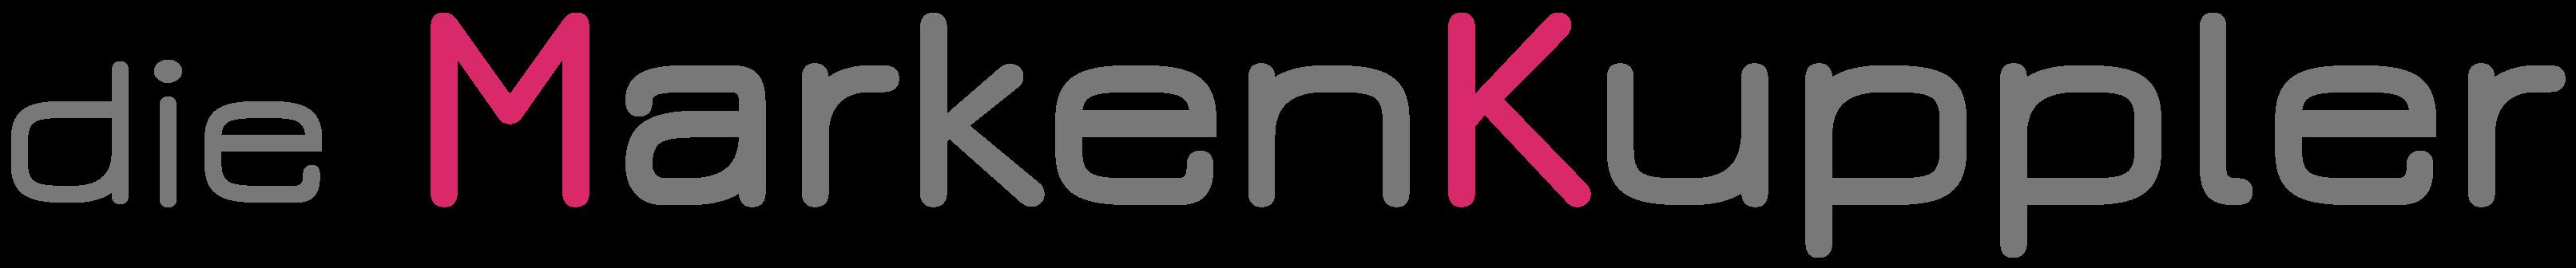 Die Markenkuppler Logo